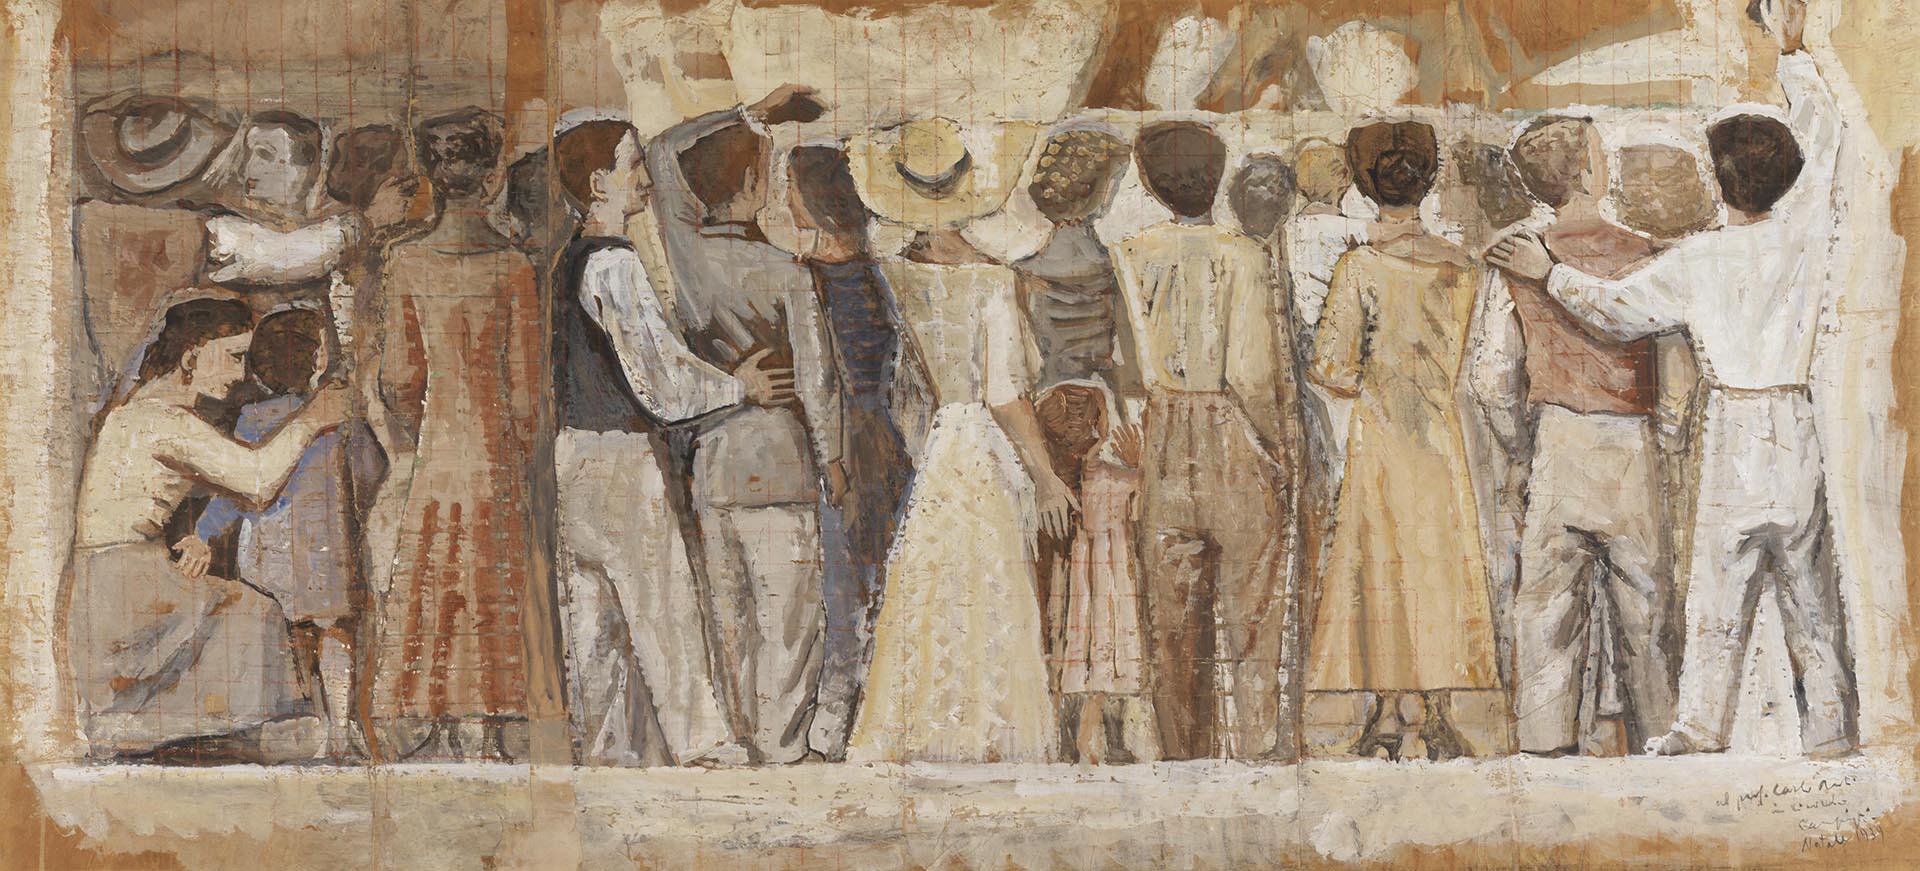 Campigli_Bozzetto-per-l_affresco-del-Liviano-Università-di-Padova_1938_65x141-cm